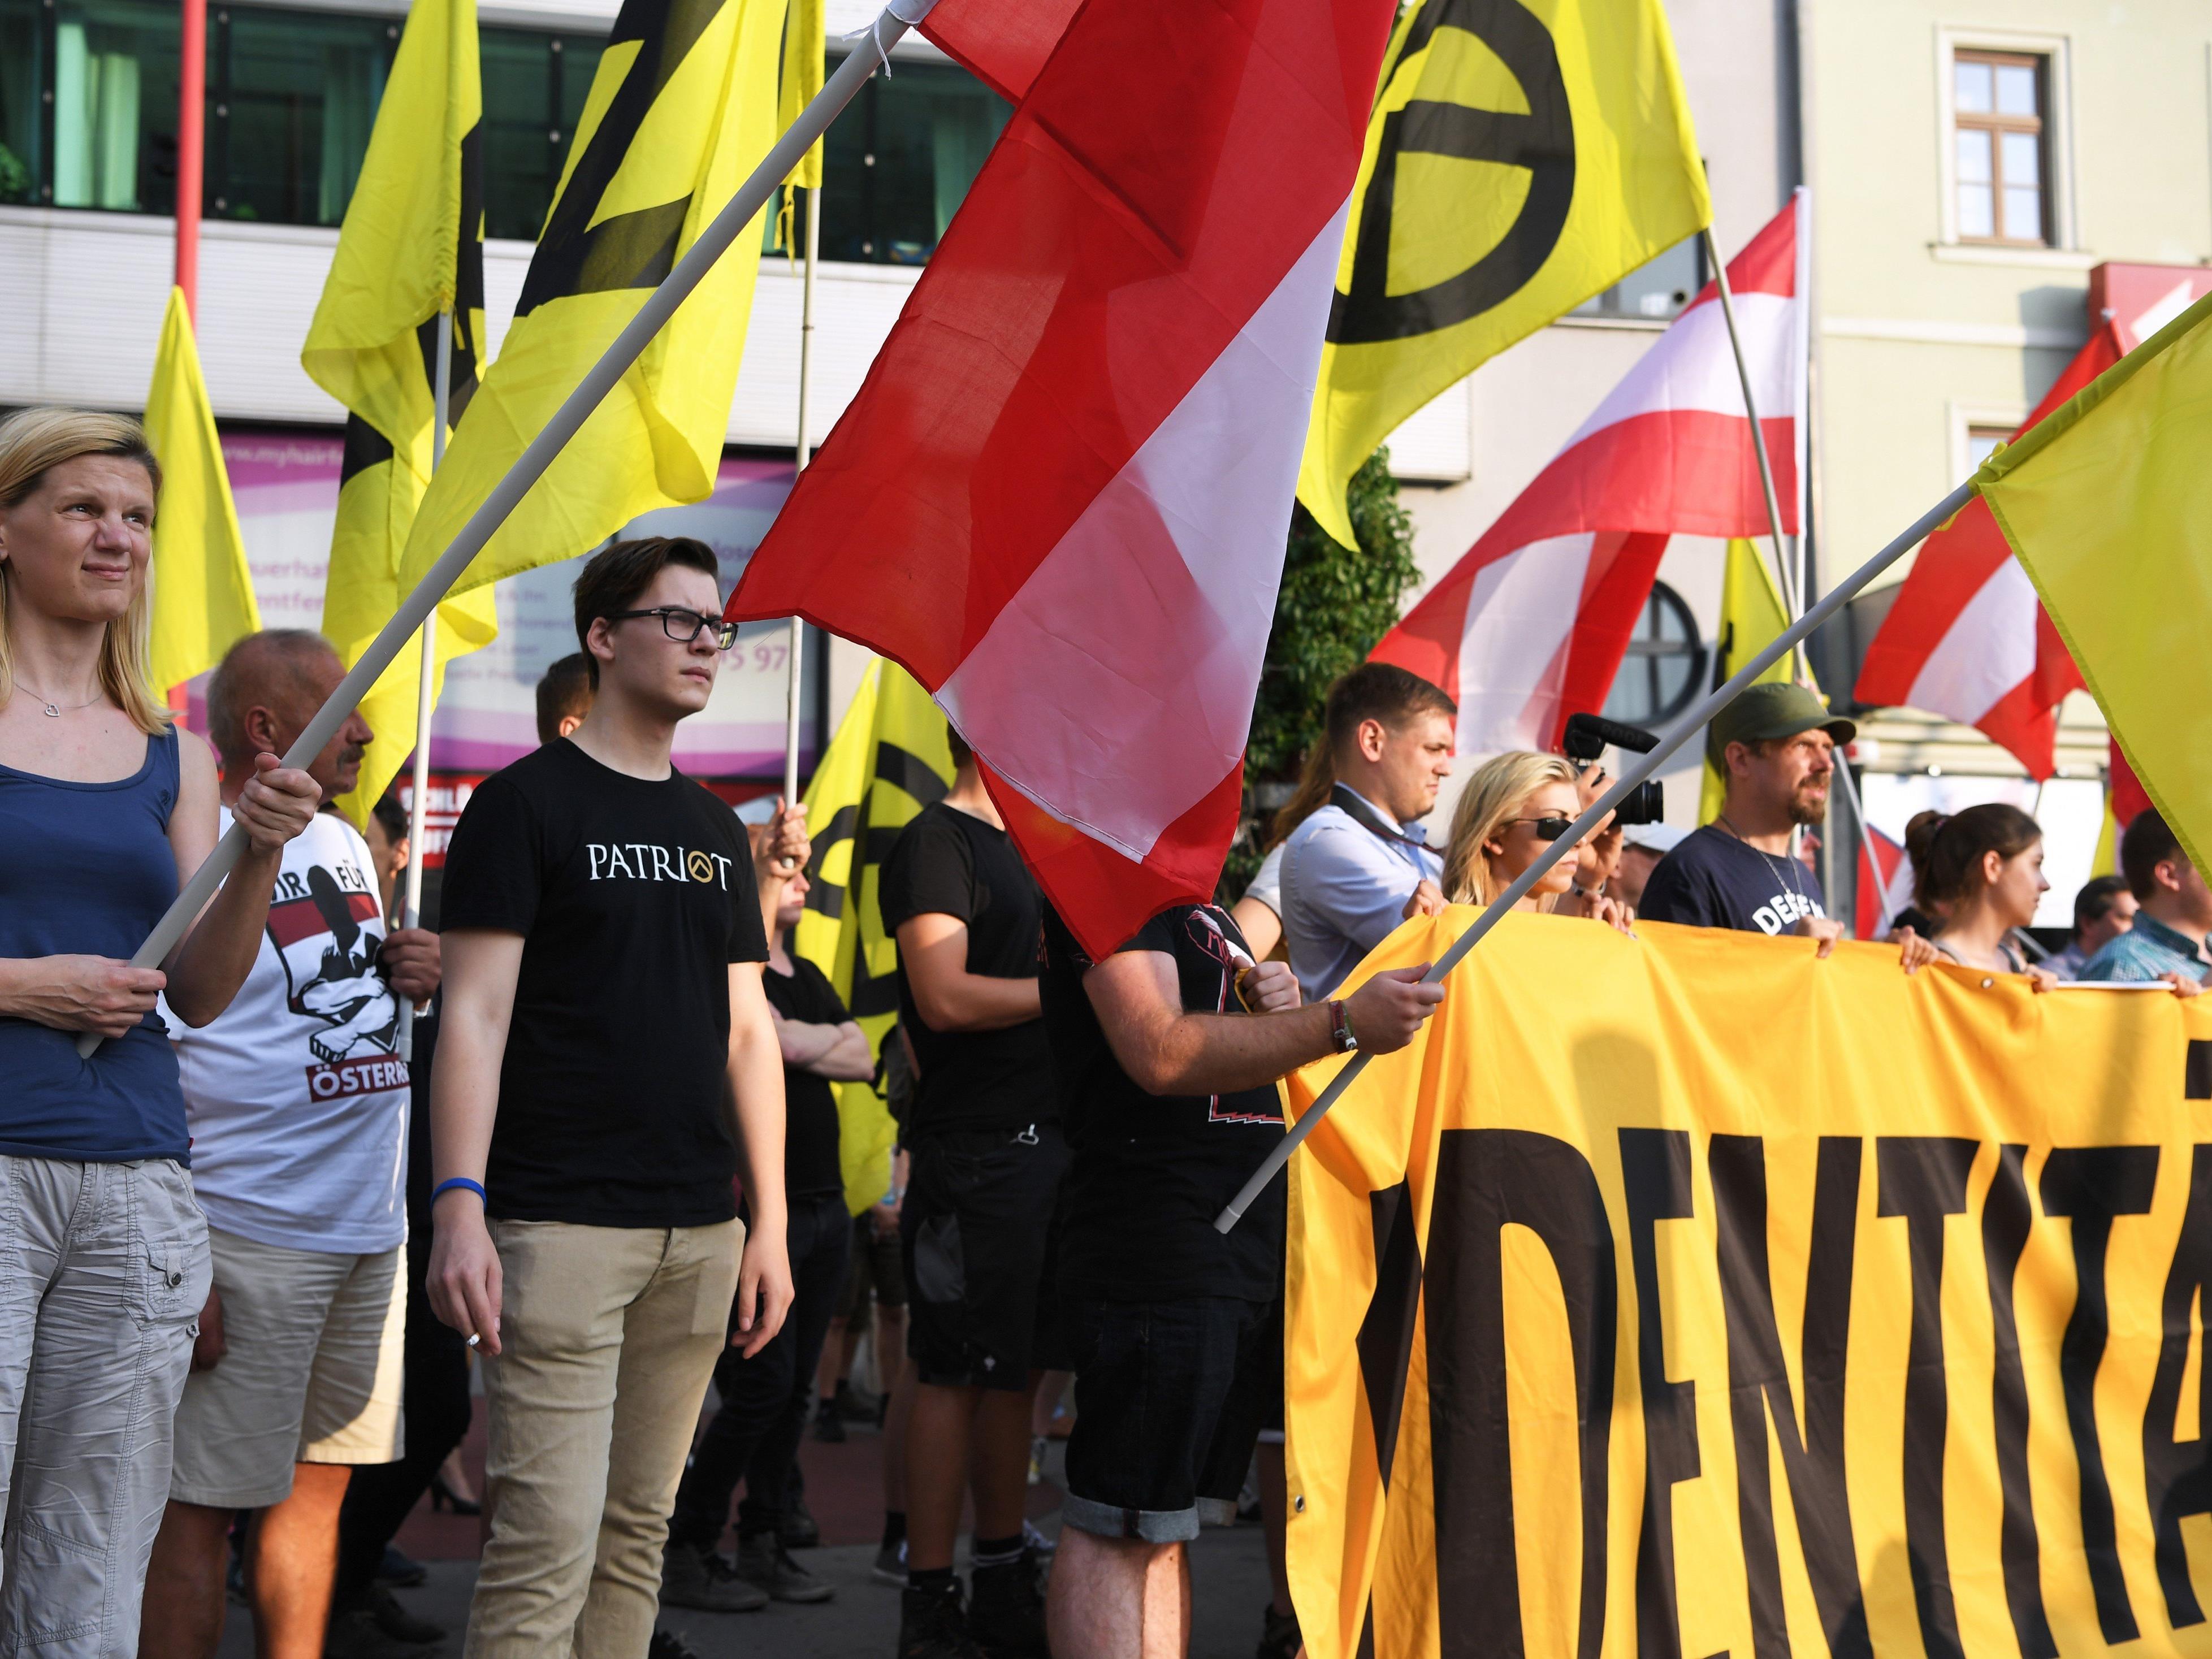 Die Identitäre Bewegung Österreich sorgte beim Wahlkampfauftakt von BP-Kandidat Hofer für Aufregung